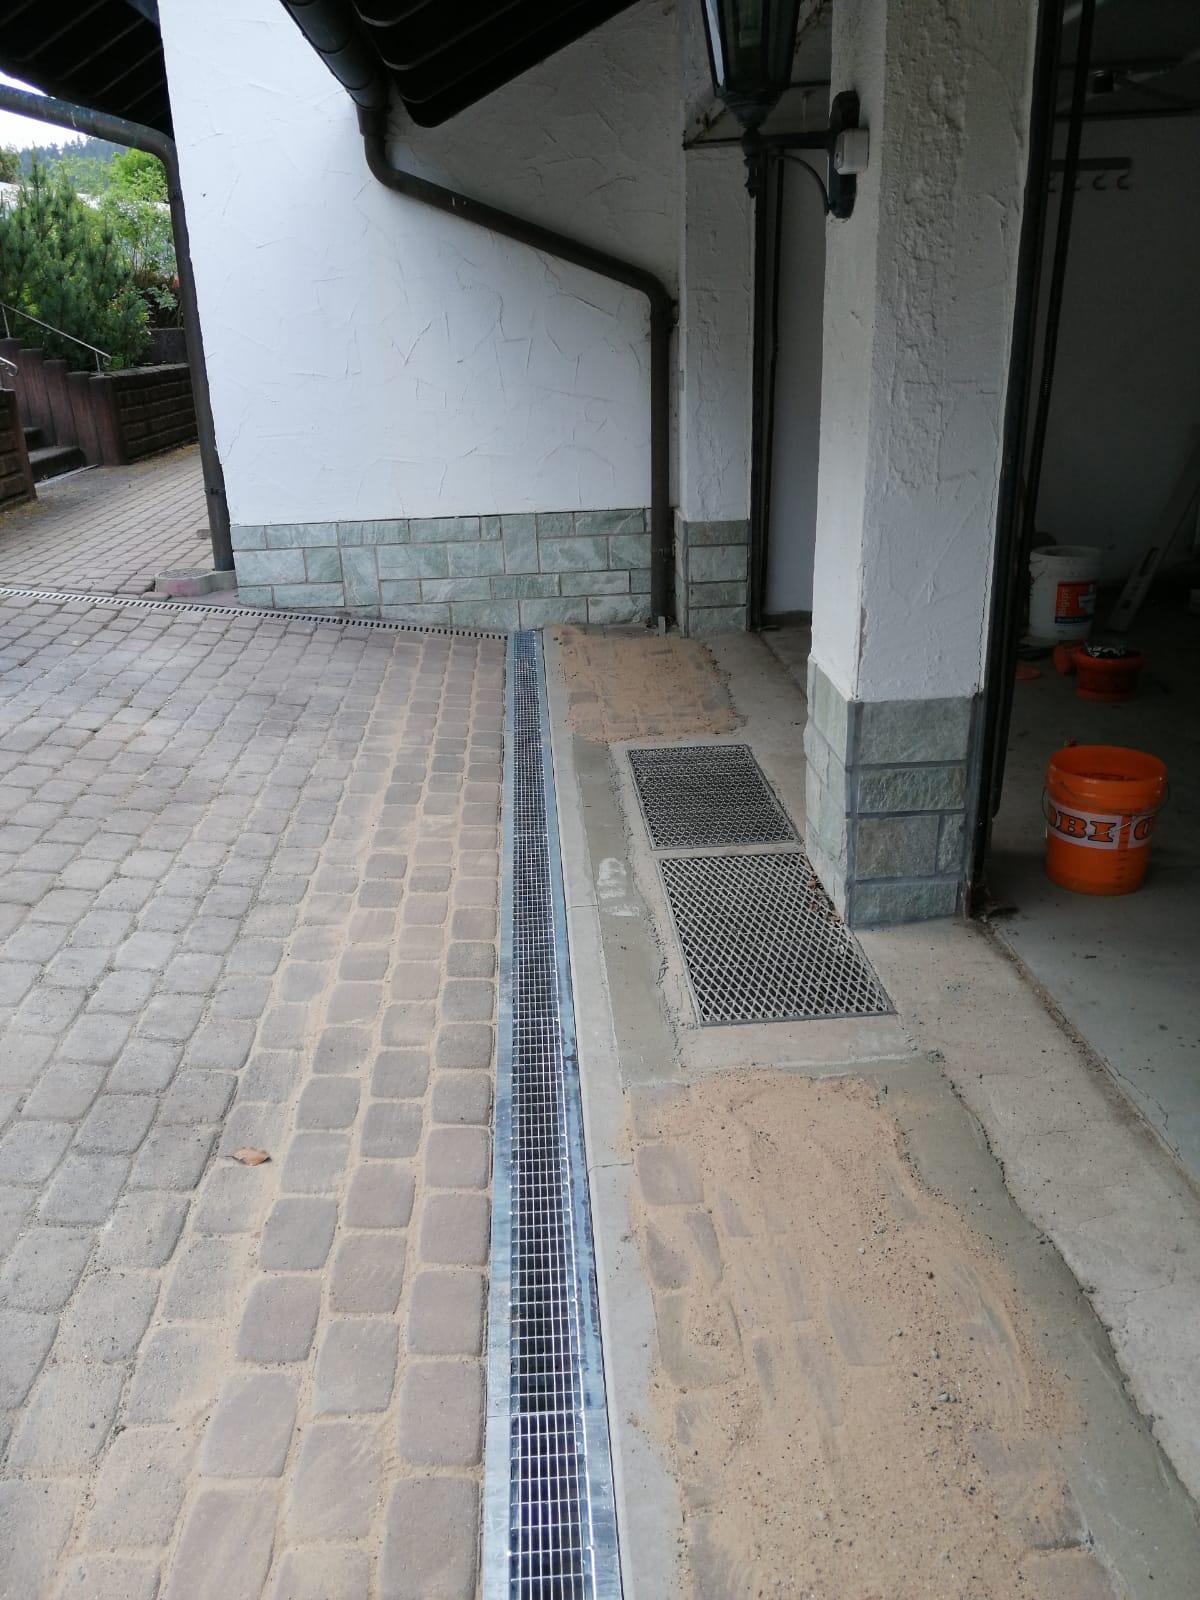 Verlegung von Birco-Rinnen mit Liniensenkkasten zum Schutz vor Wasser in der Garage / im Haus bei starkem Regen.